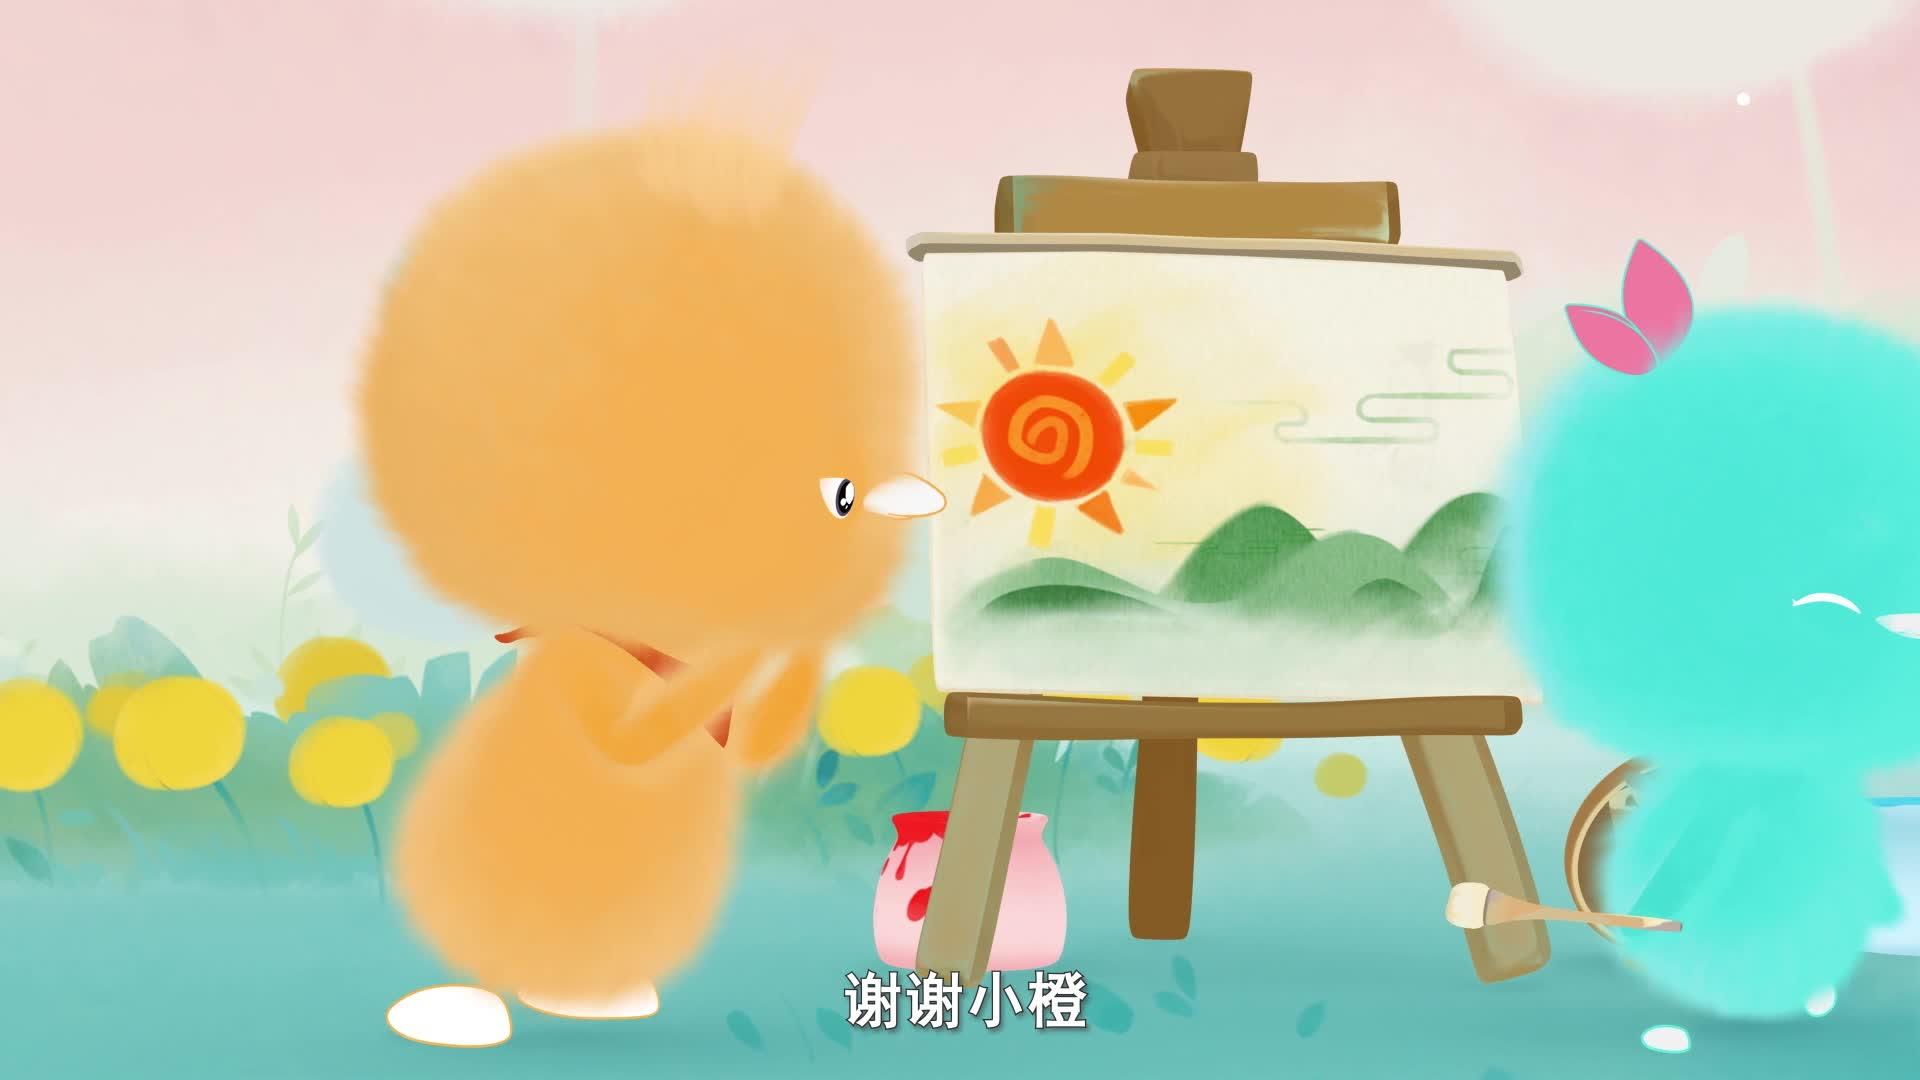 《小鸡彩虹》第七季 03手掌上的小太阳